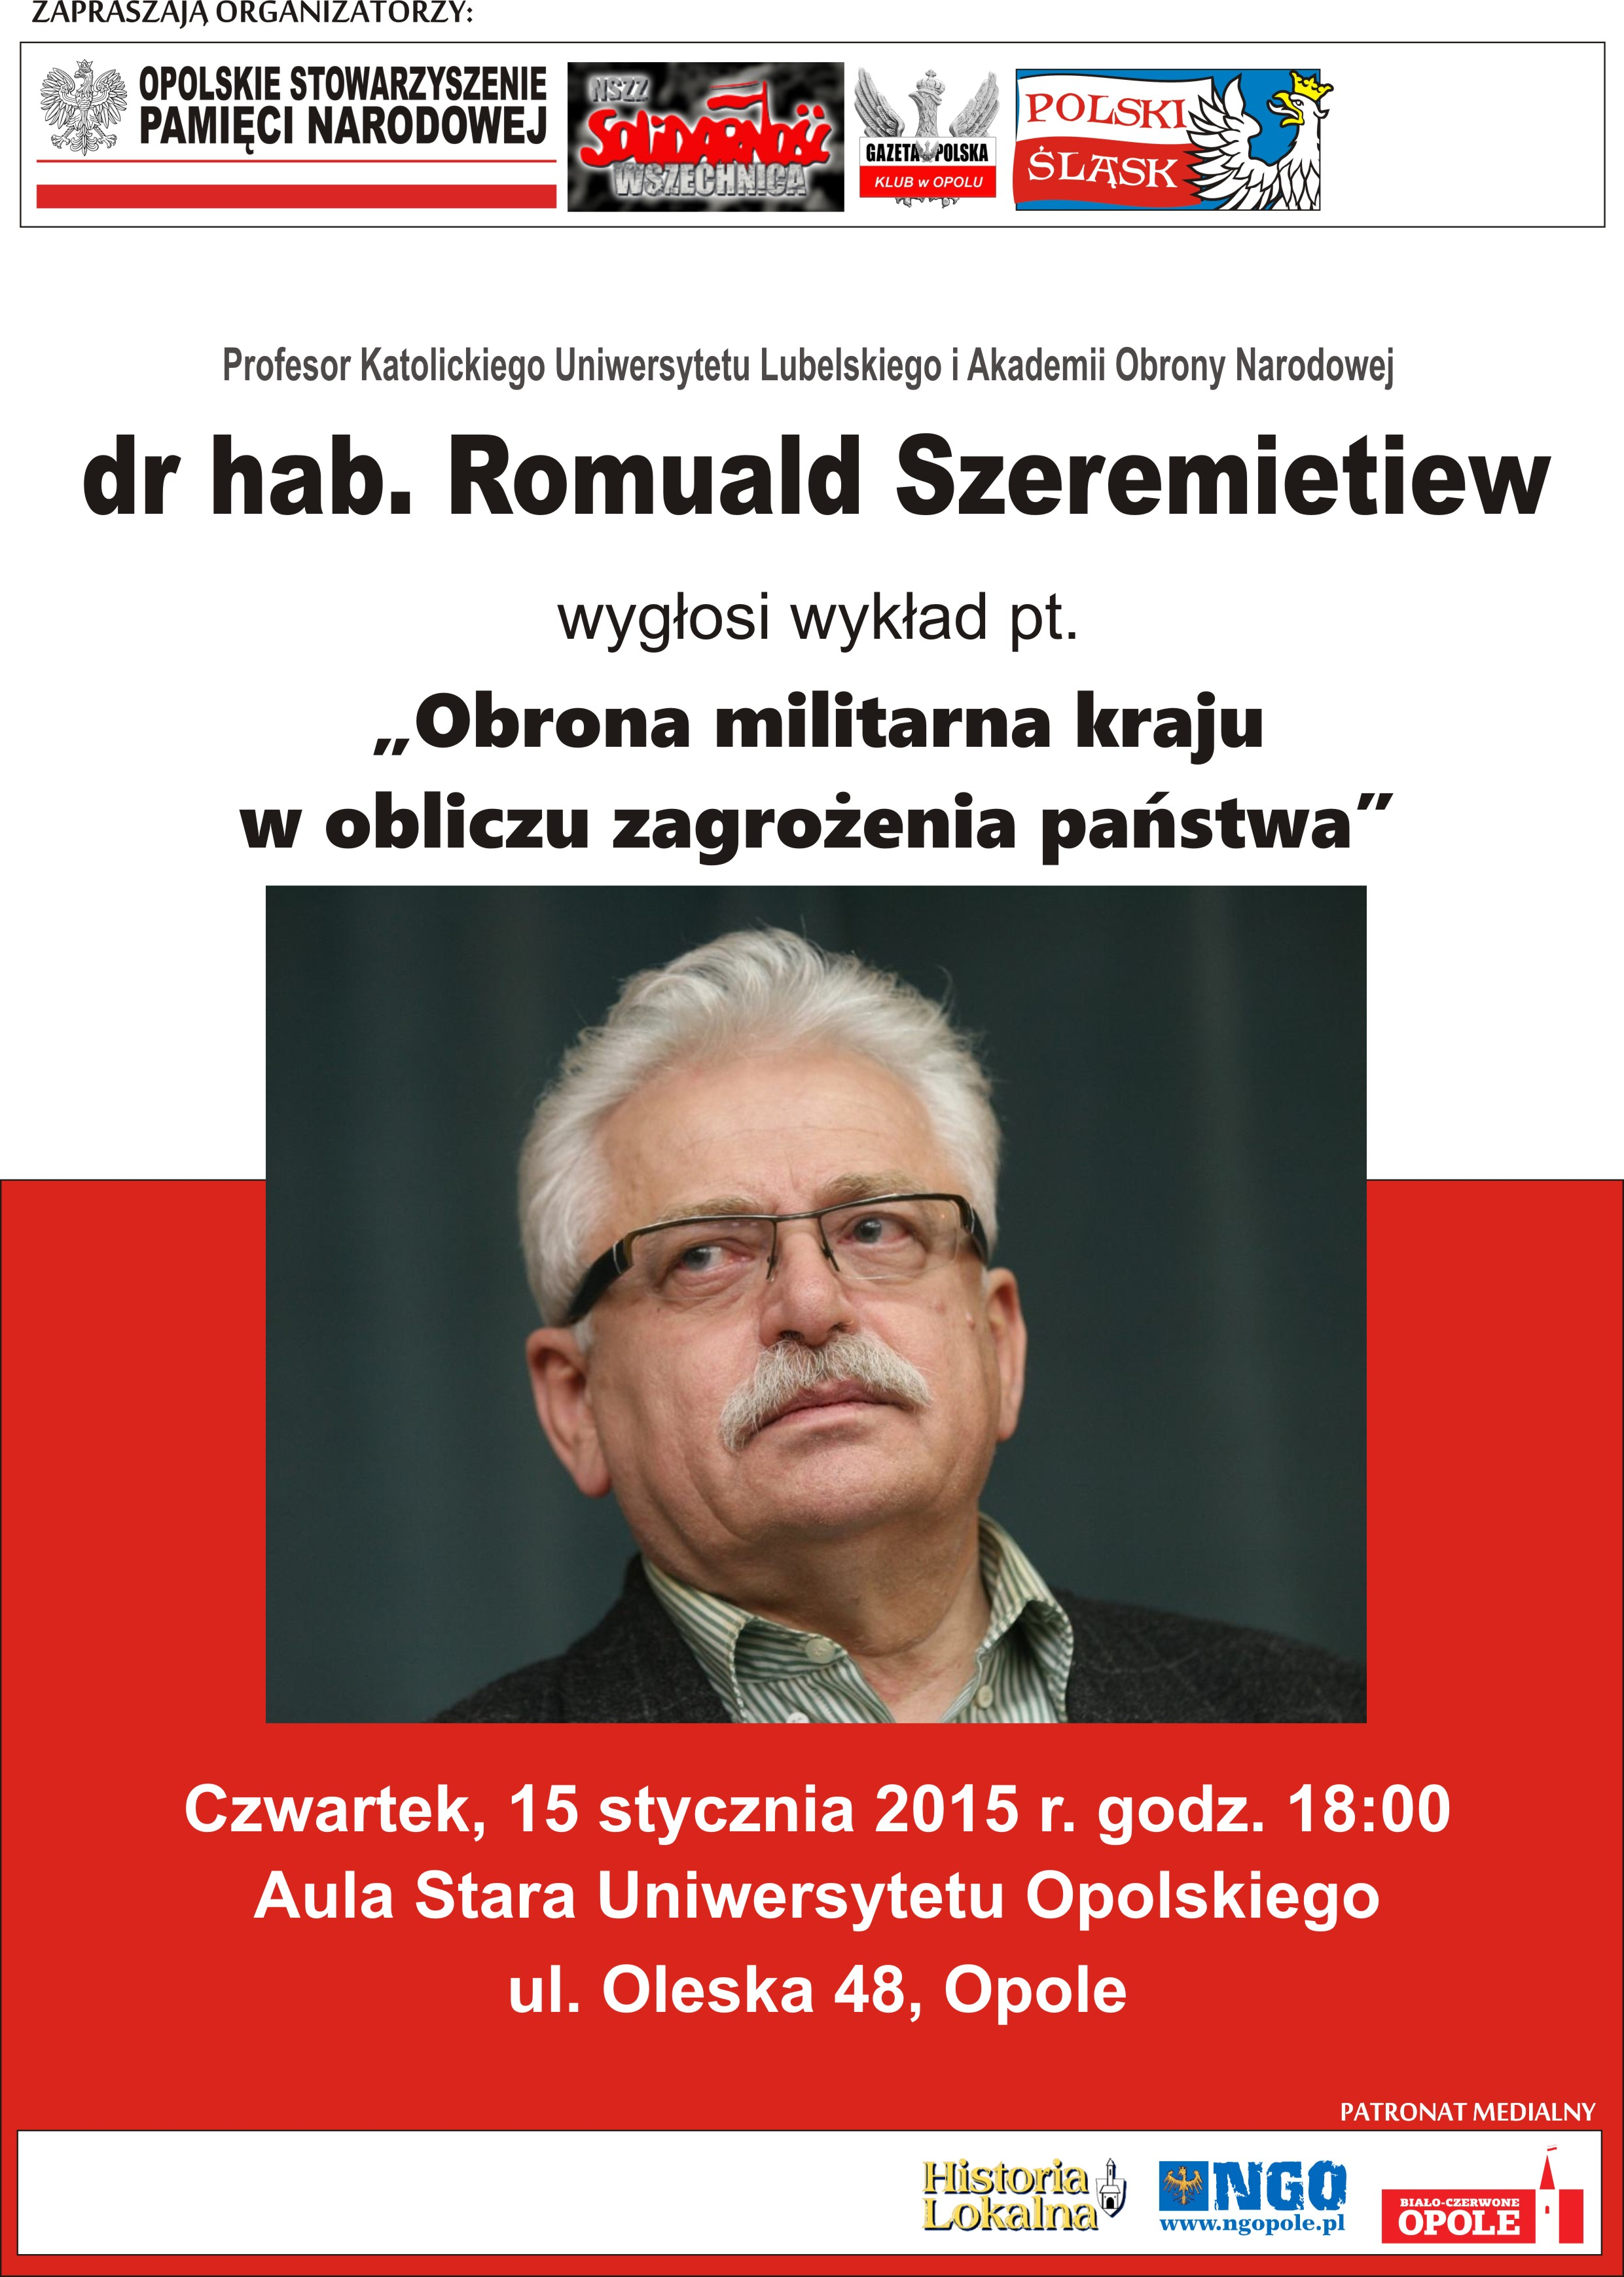 romuald-szeremietiew-w-opolu-15-01-2015